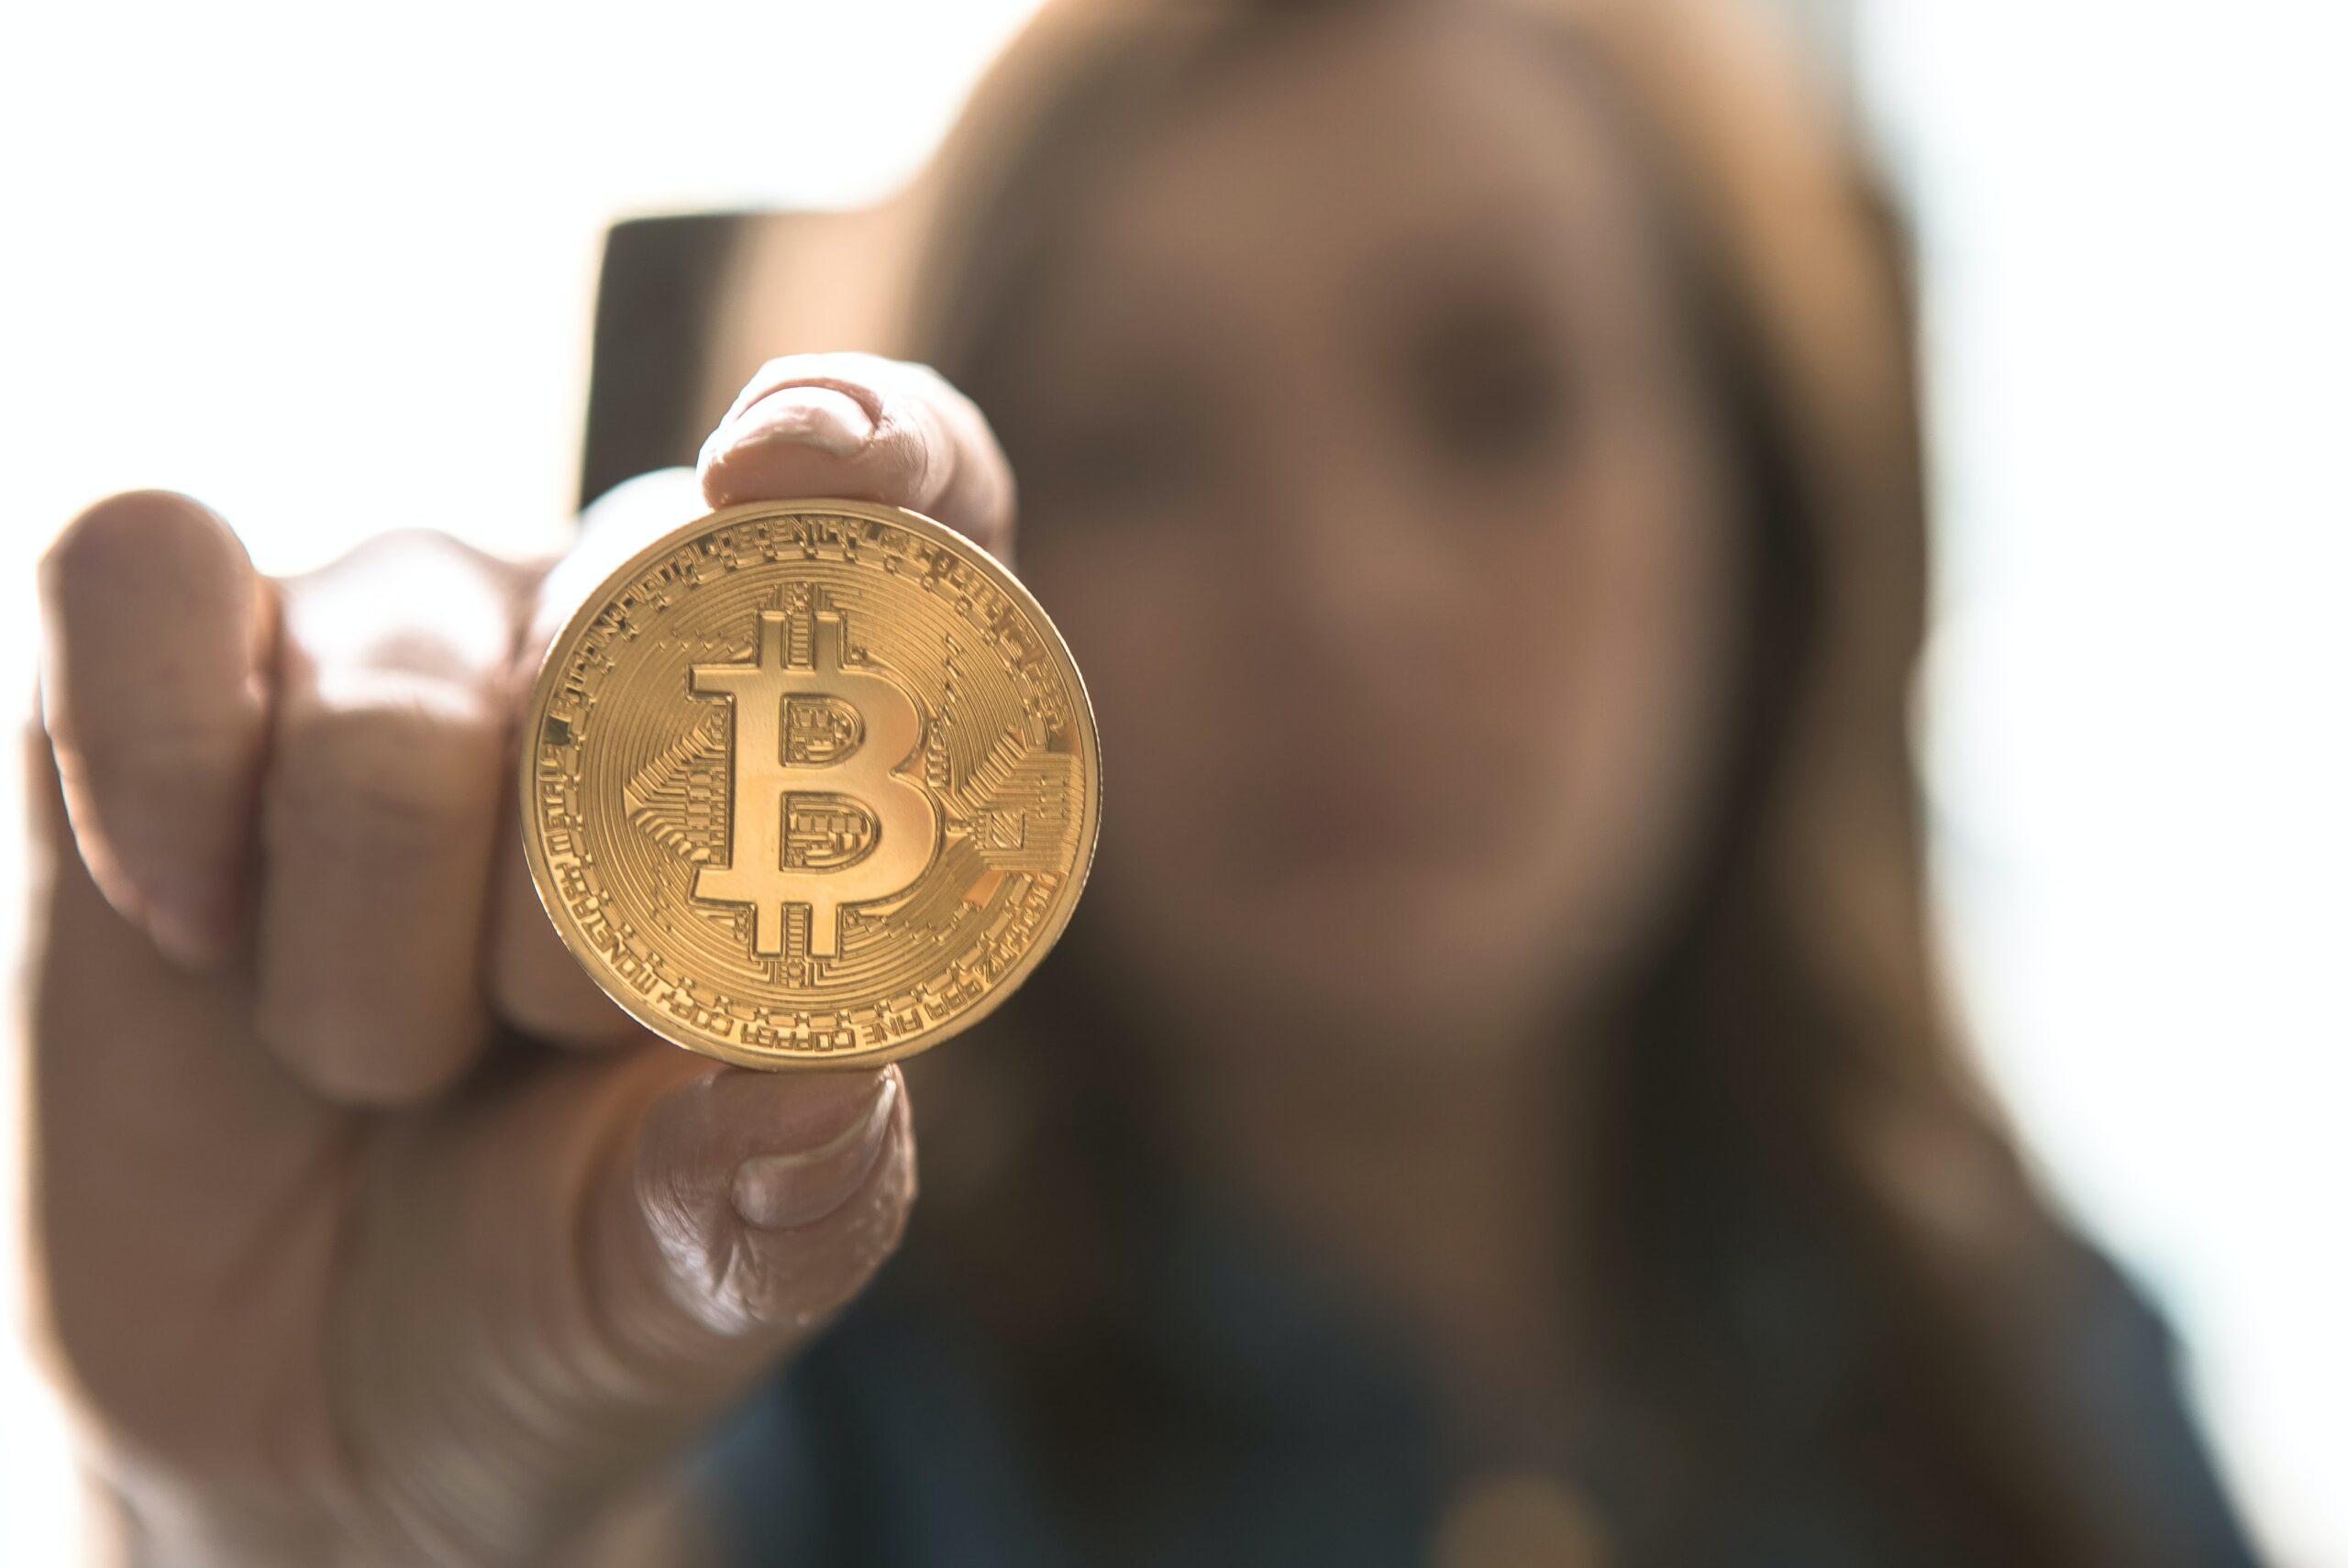 Será agora uma boa altura para investir em criptomoedas?